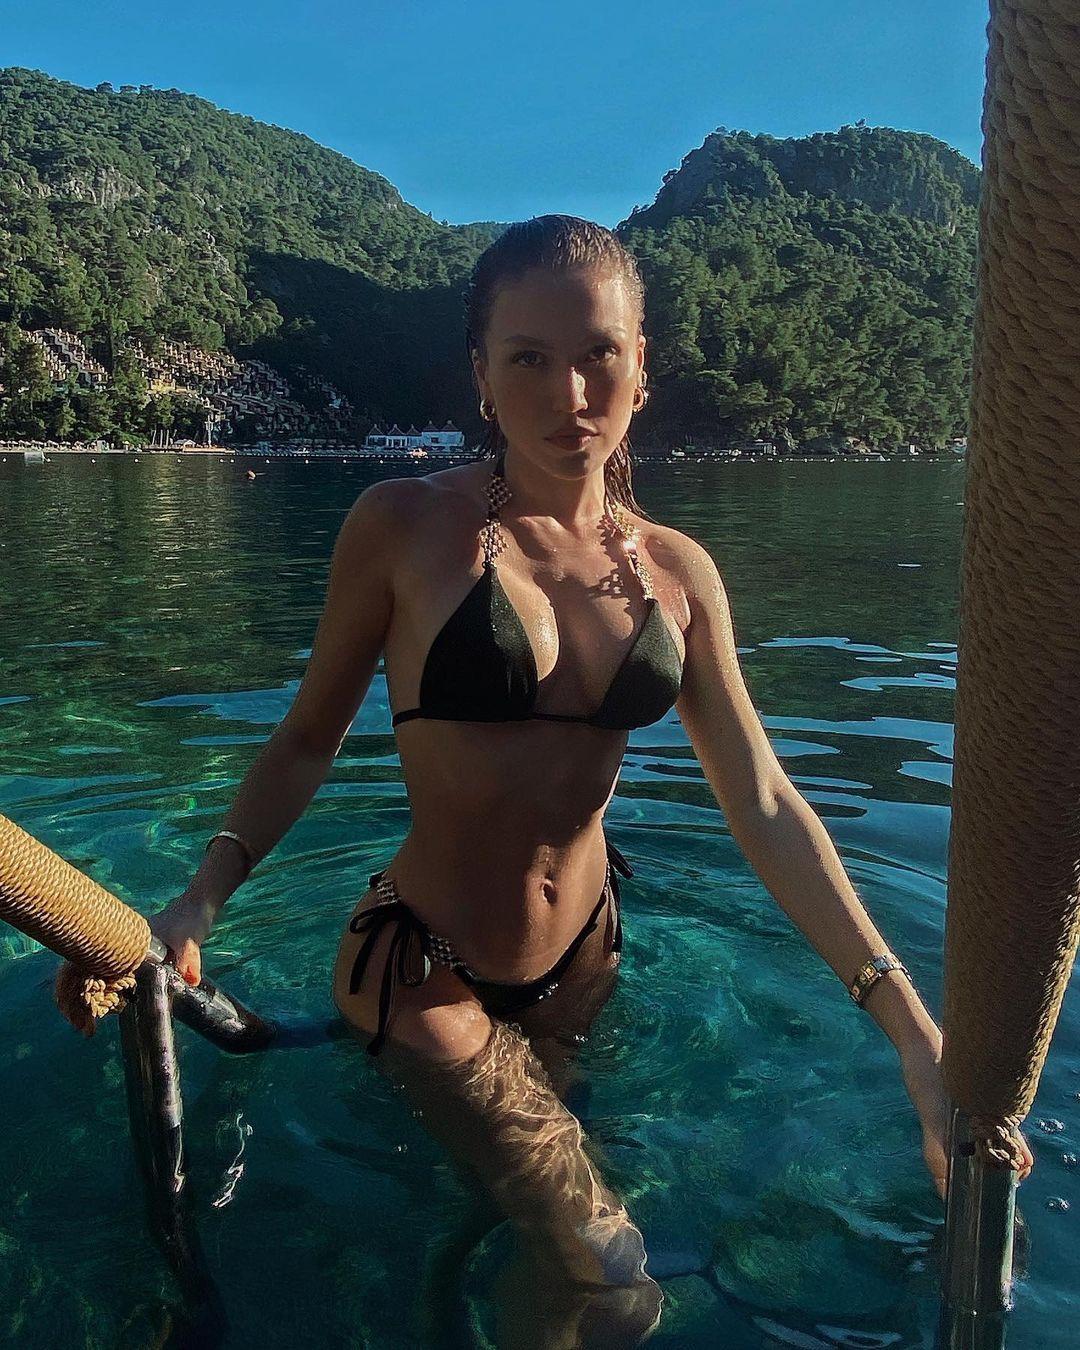 Minicik bikinisiyle reklam yaptı! Duygu Özaslan'a tepki yağdı: Kemikleri sızlıyor